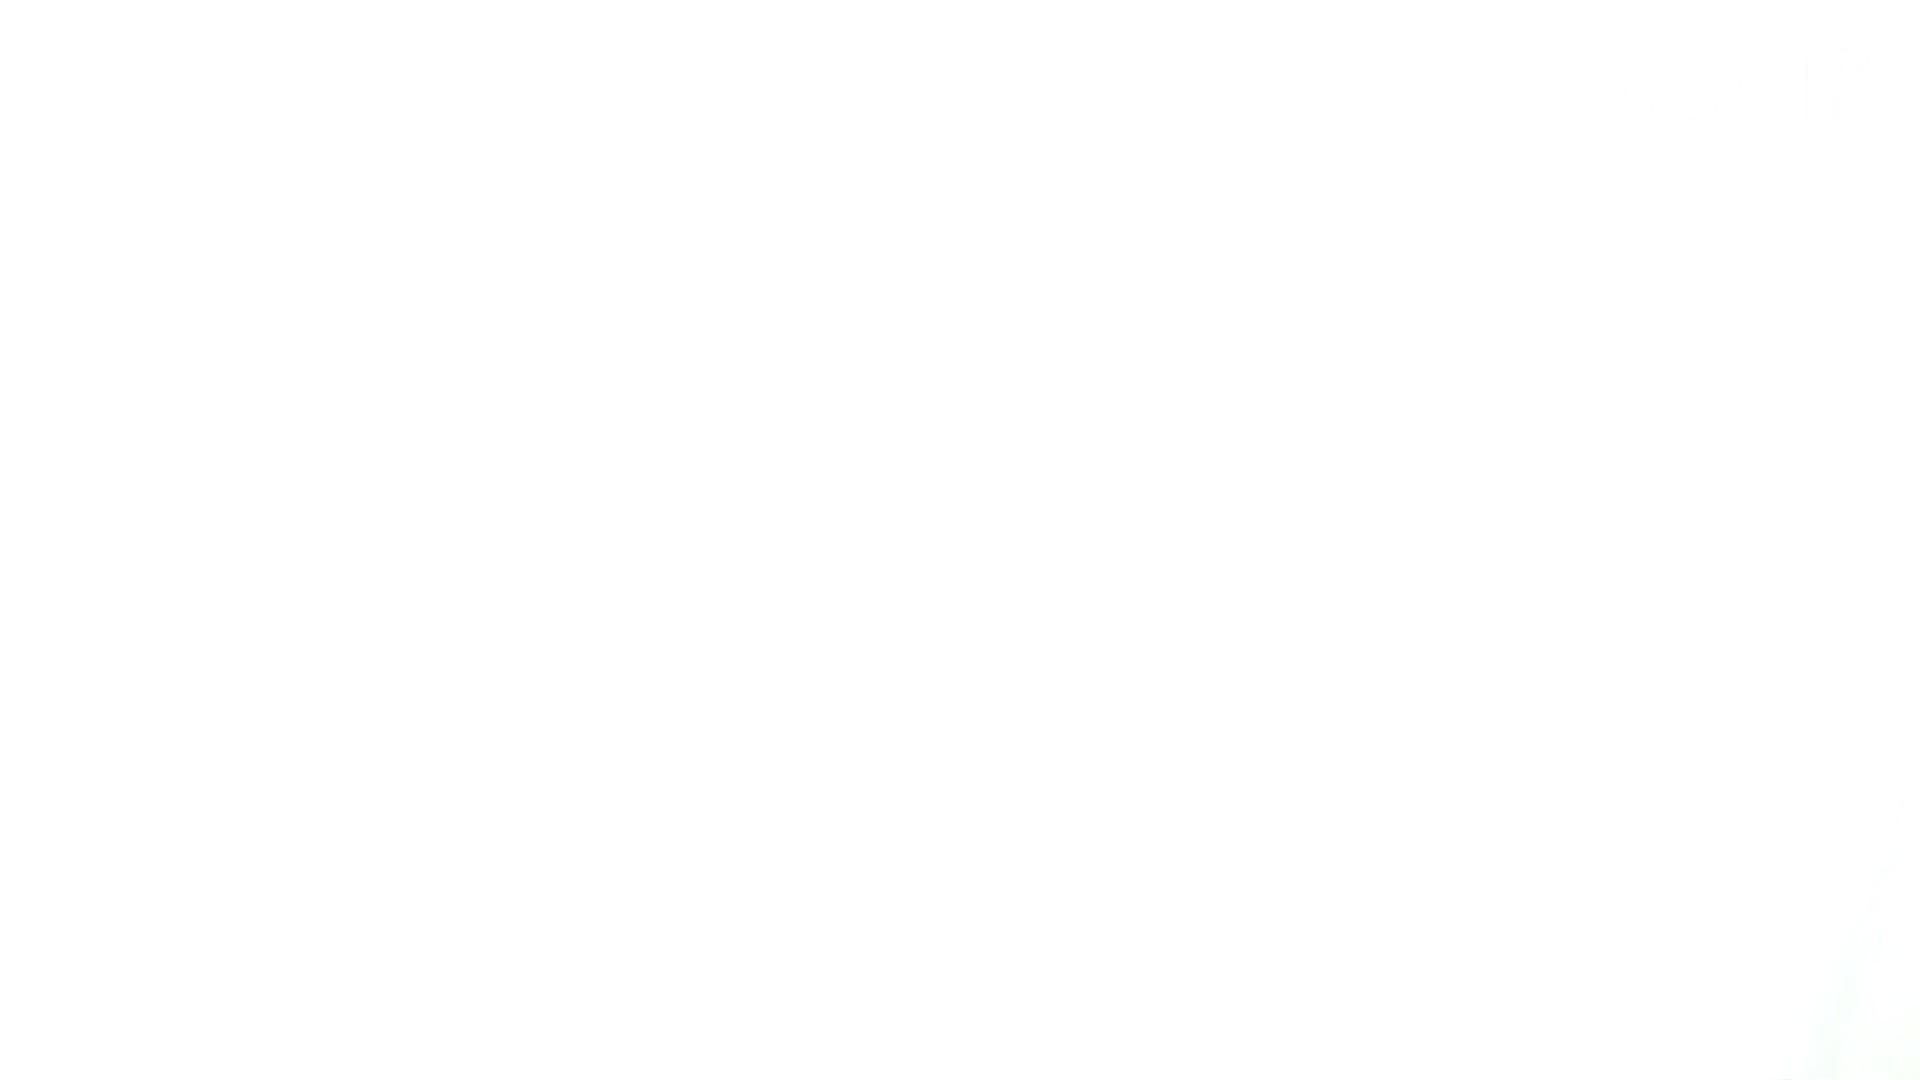 ▲復活限定▲ハイビジョン 盗神伝 Vol.18 洗面所のぞき エロ画像 104枚 50